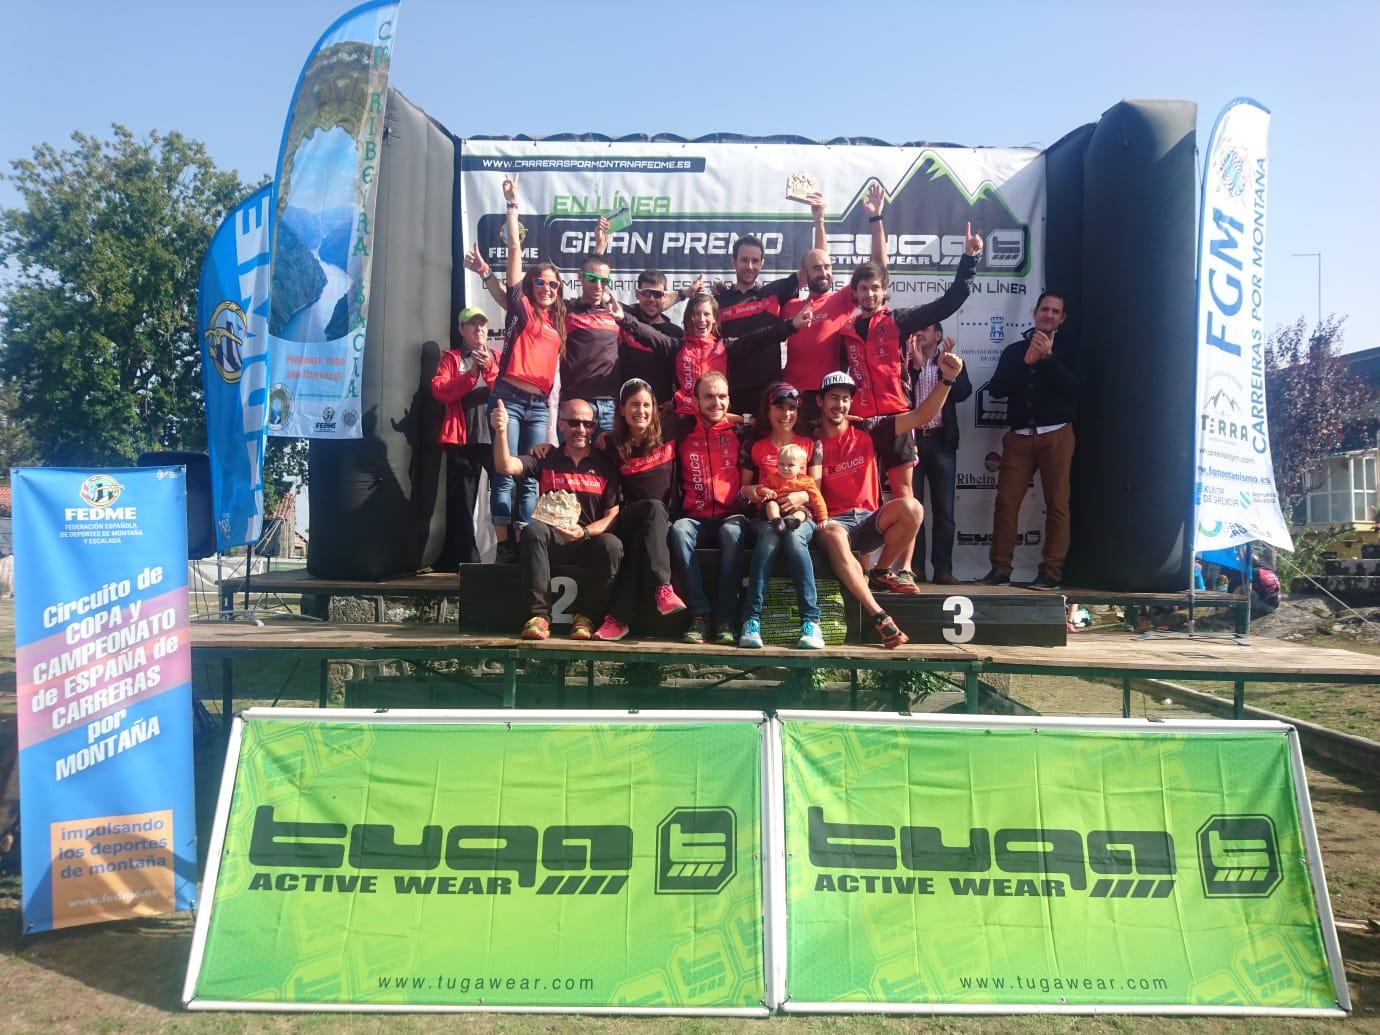 A.E MATXACUCA DOBLES CAMPIONS D'ESPAYA DE CARRERES PER MUNTANYA DE CLUBS FEDME - GRAN PREMIO TUGA